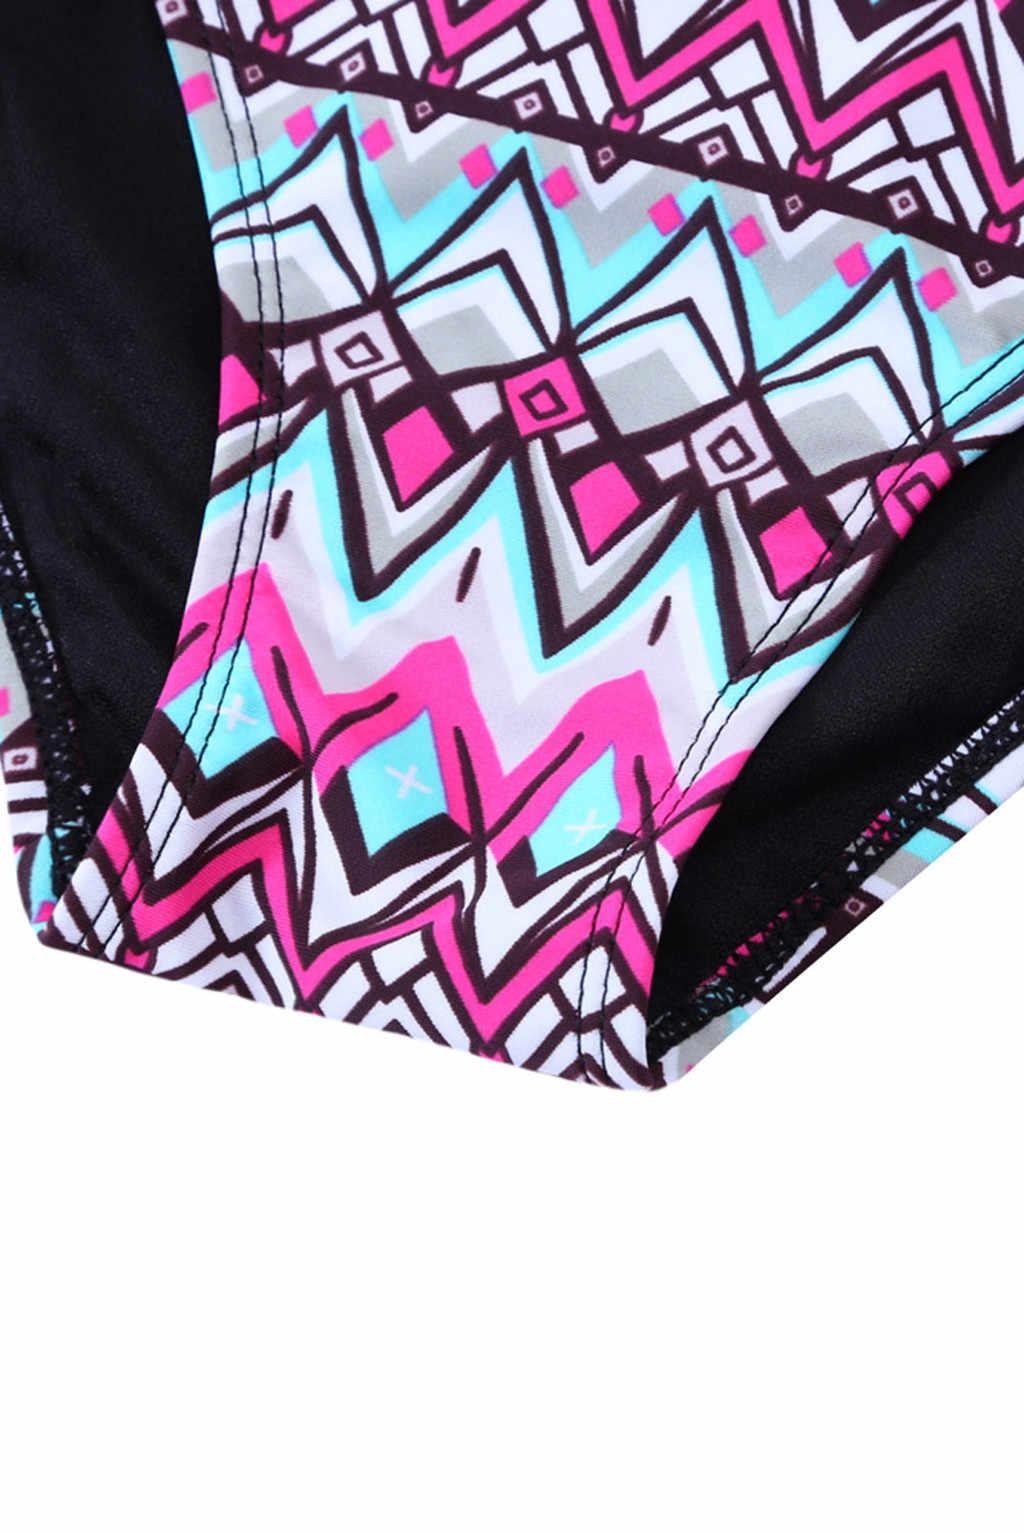 K Berlaku Baju Renang Wanita Lengan Panjang Baju Renang Pakaian Renang untuk Wanita Ruam Penjaga Baju Renang Maillot De Bain FILLE Surfing # TX4